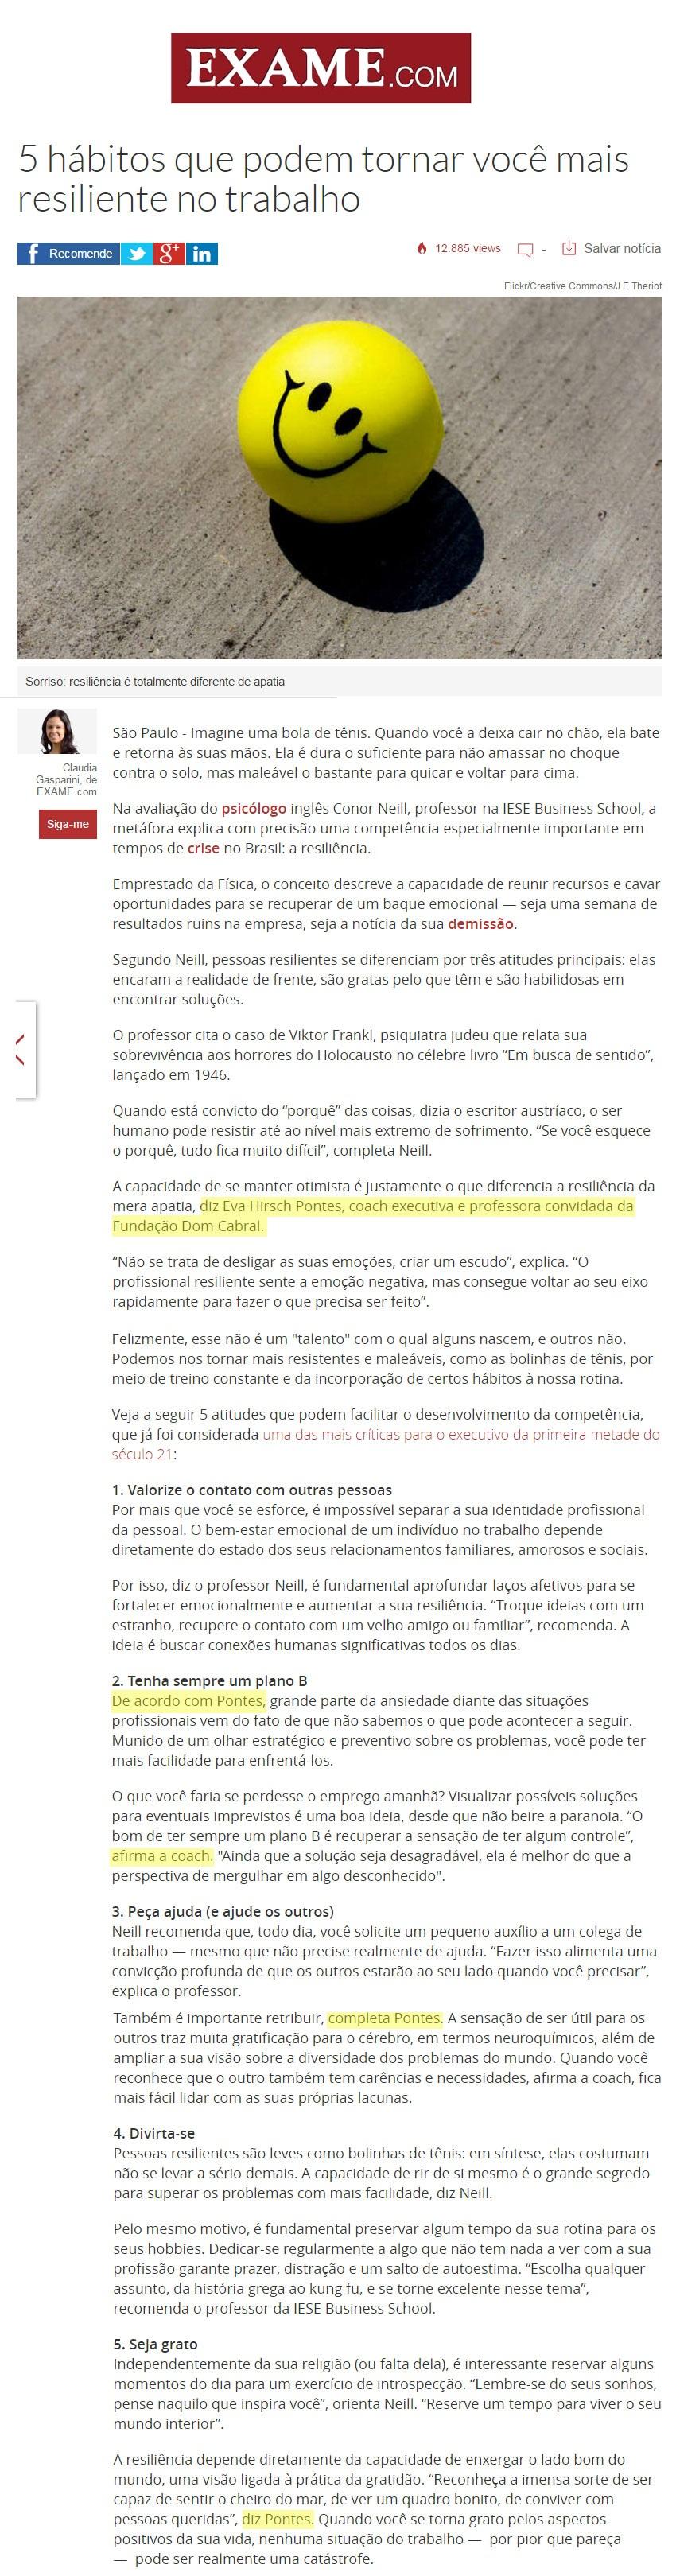 Exame.com_Carreiras_13.5.2016